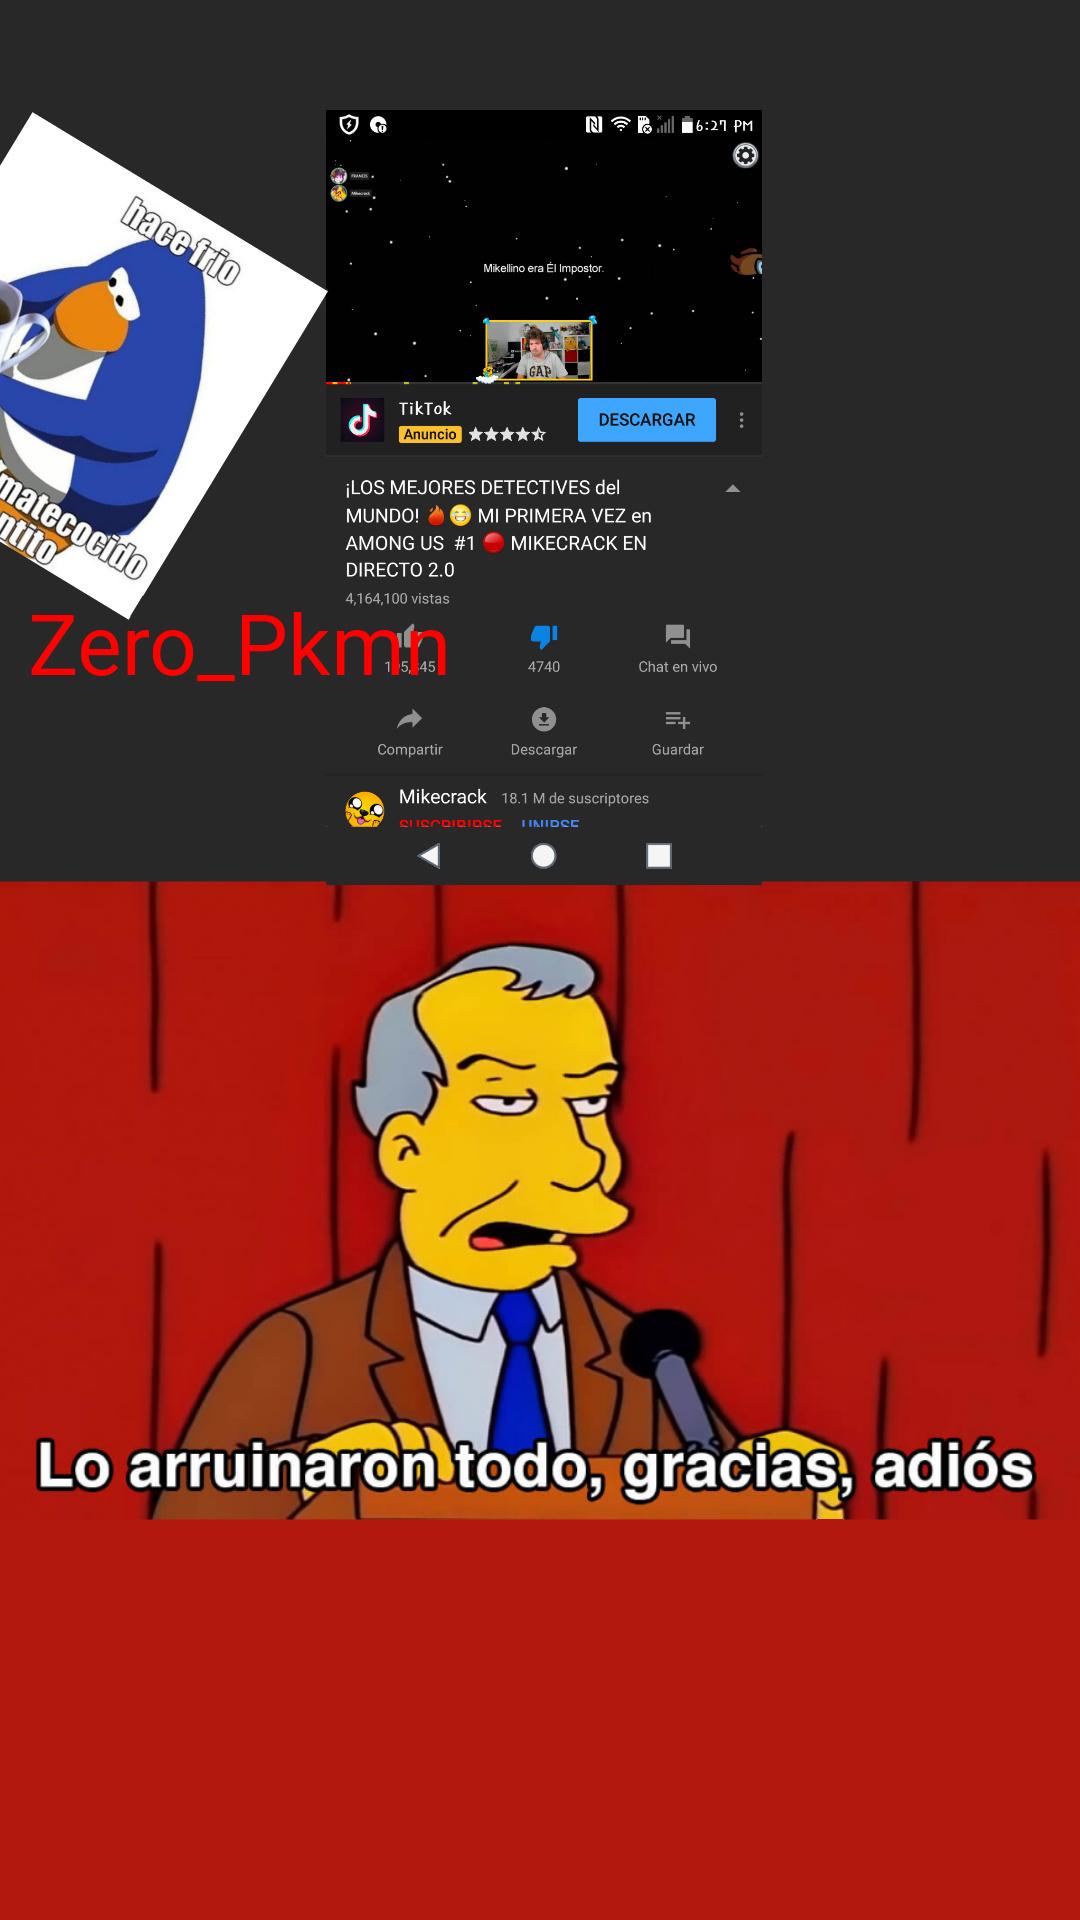 Porongacrack - meme